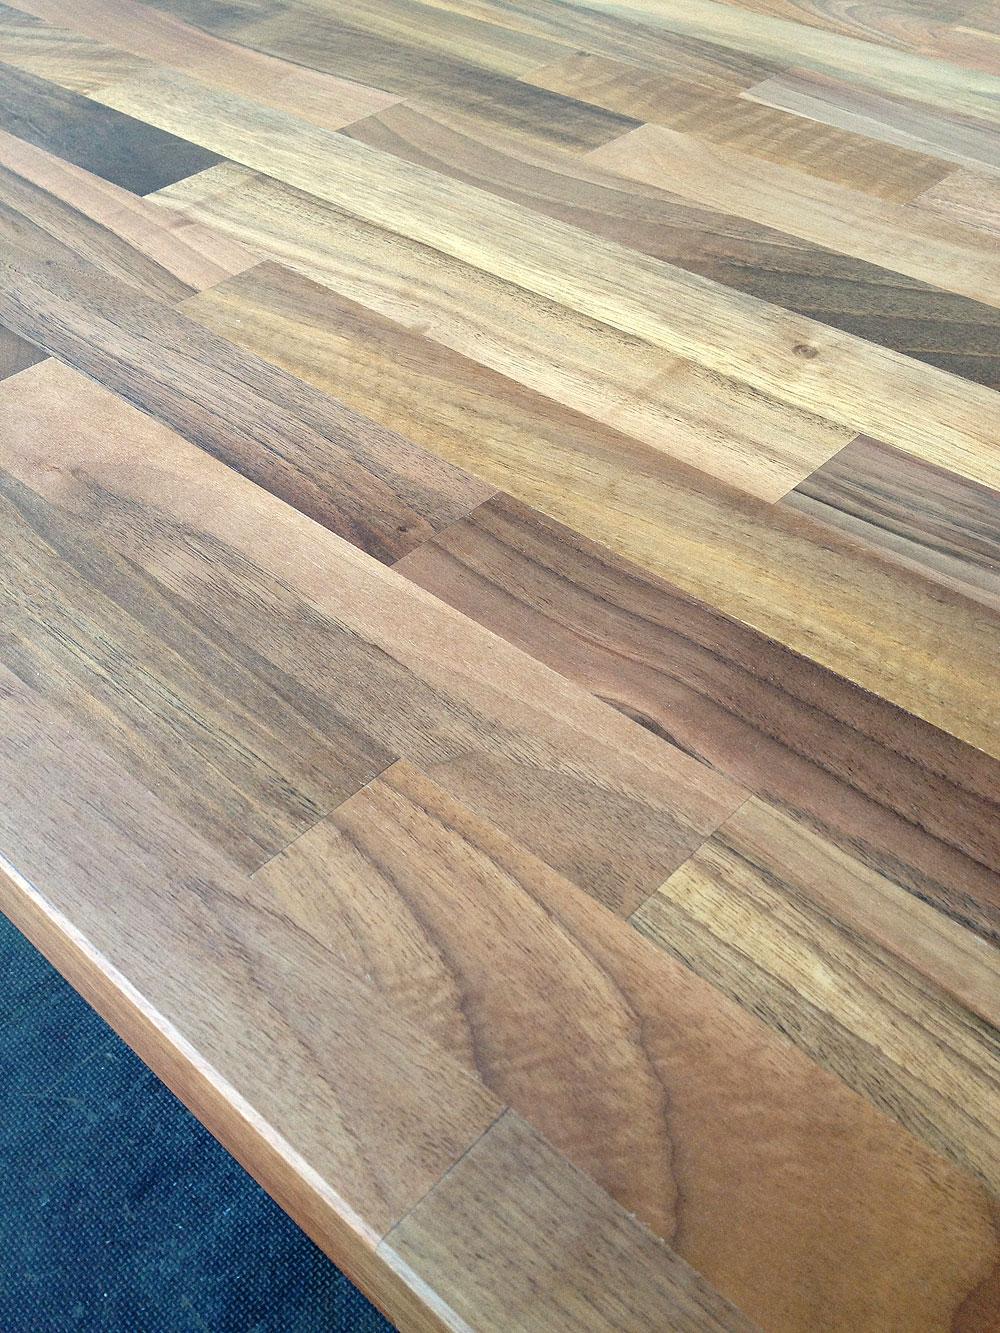 Tischplatte Massivholz Nussbaum ~ Tischplatte Massivholz Europäischer Nussbaum kgz FSC® 401800900